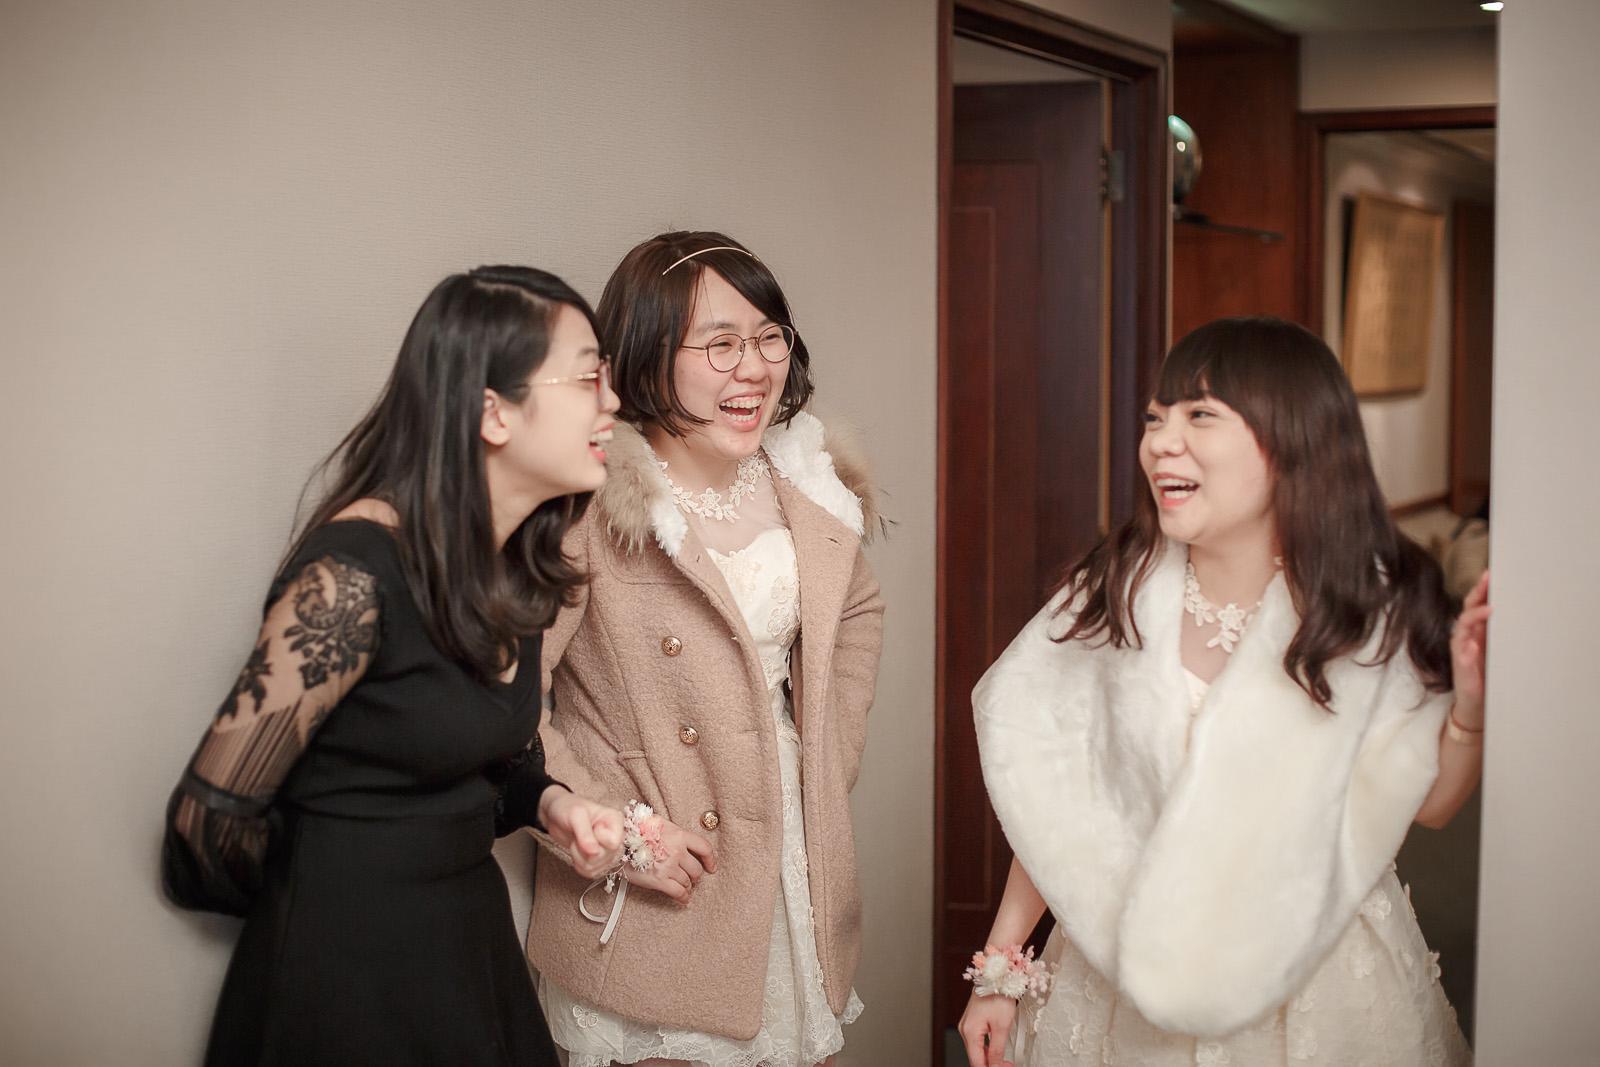 高雄圓山飯店,婚禮攝影,婚攝,高雄婚攝,優質婚攝推薦,Jen&Ethan-070